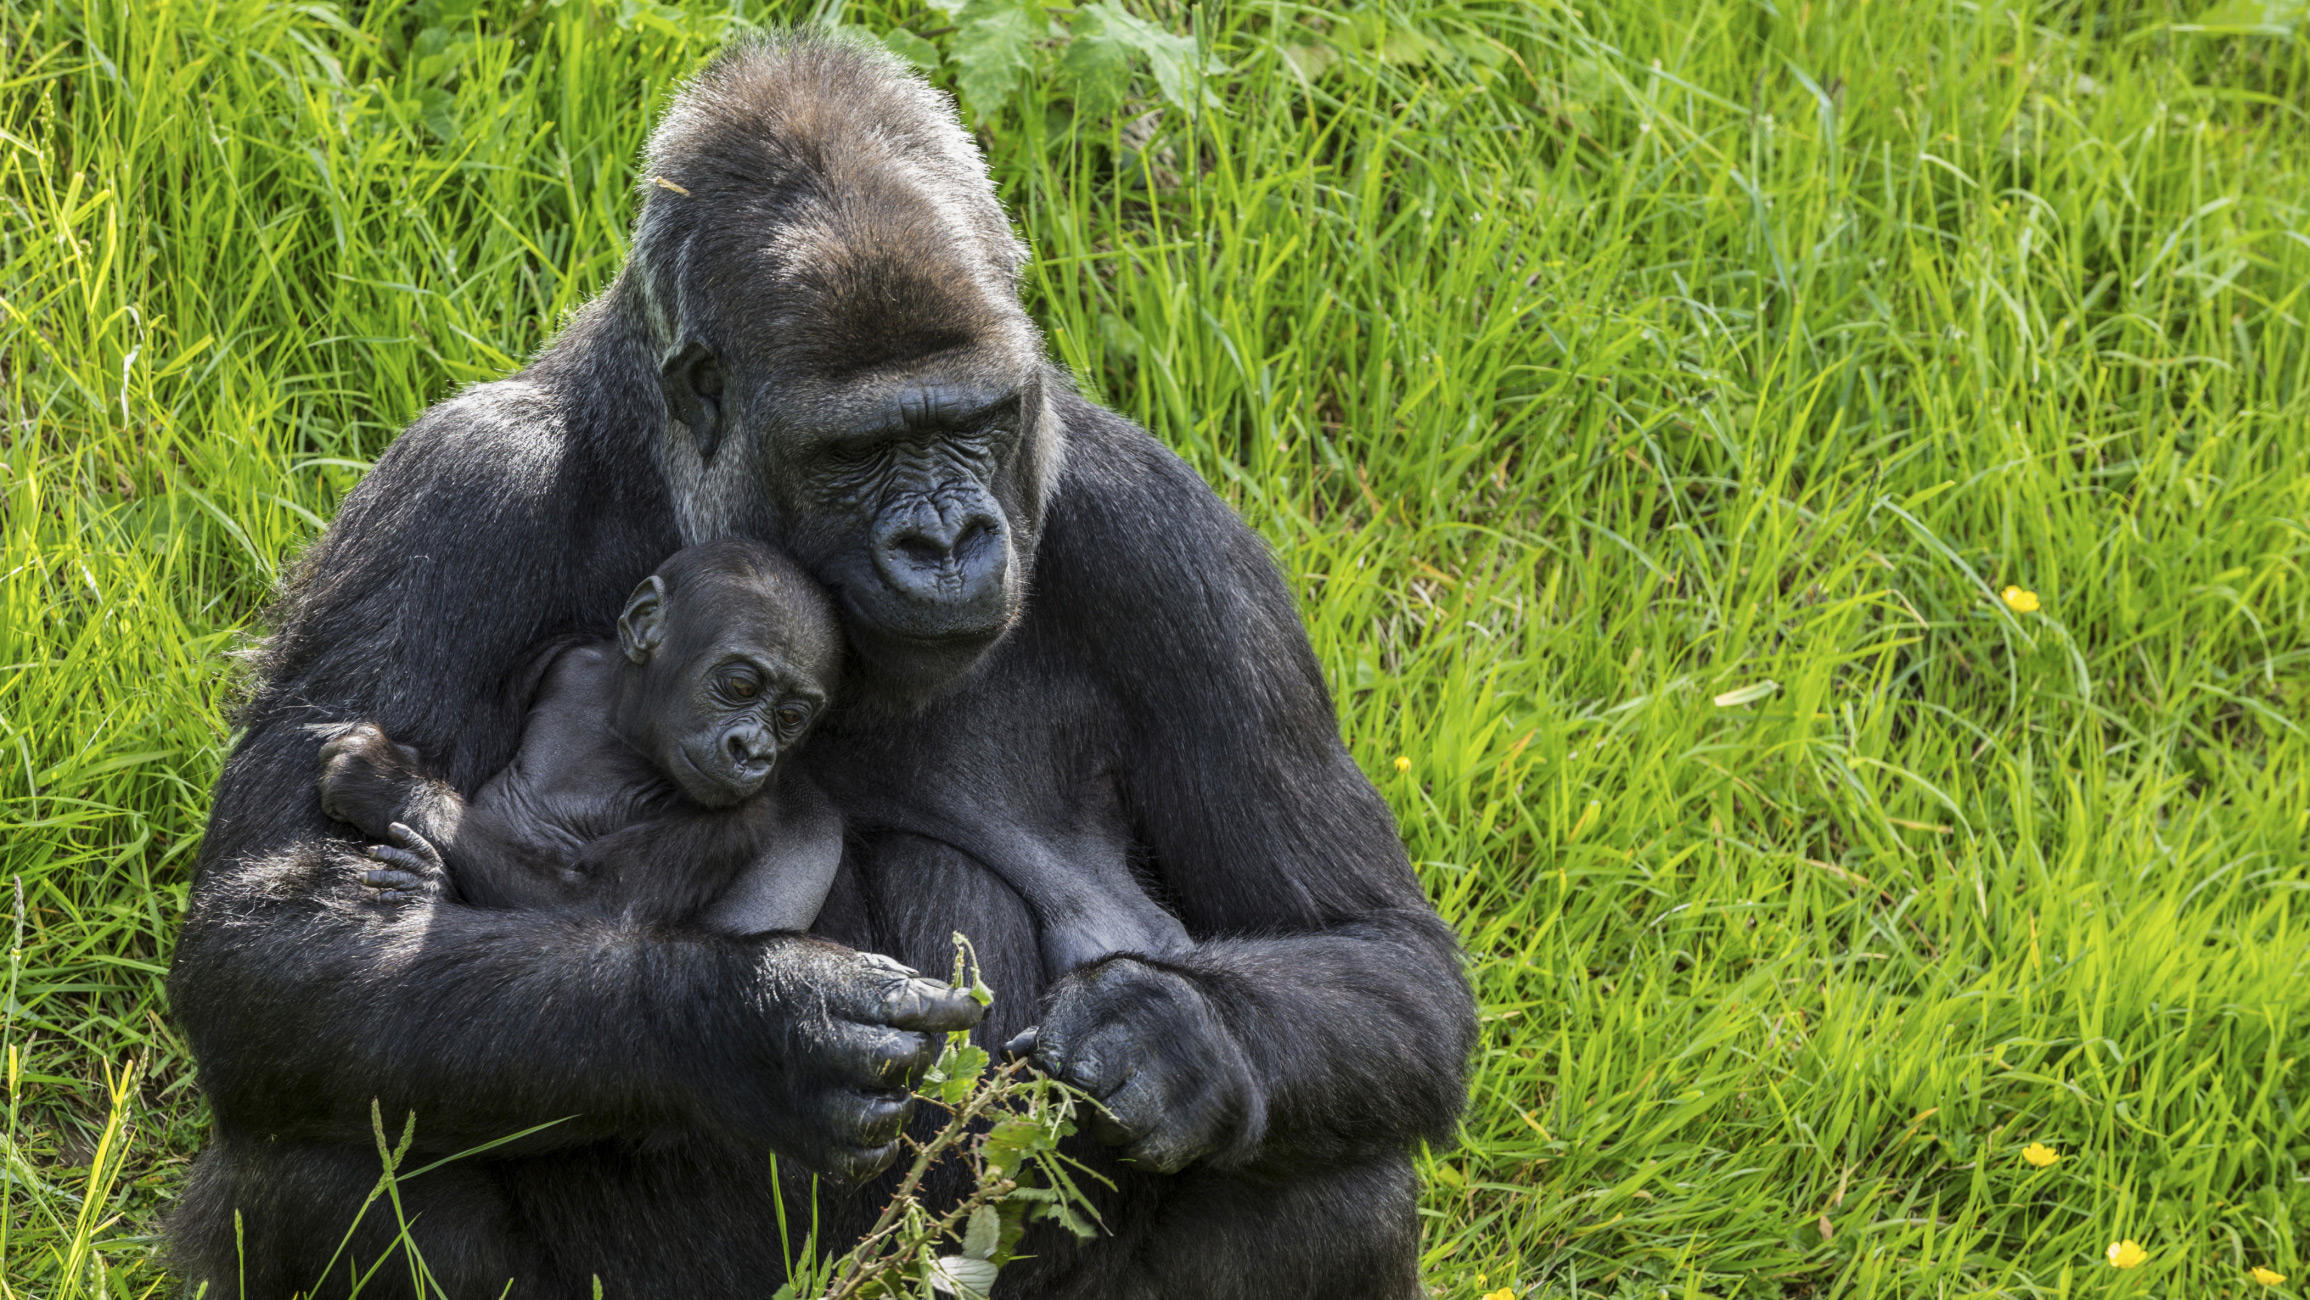 gorilla-little-debbie-2310